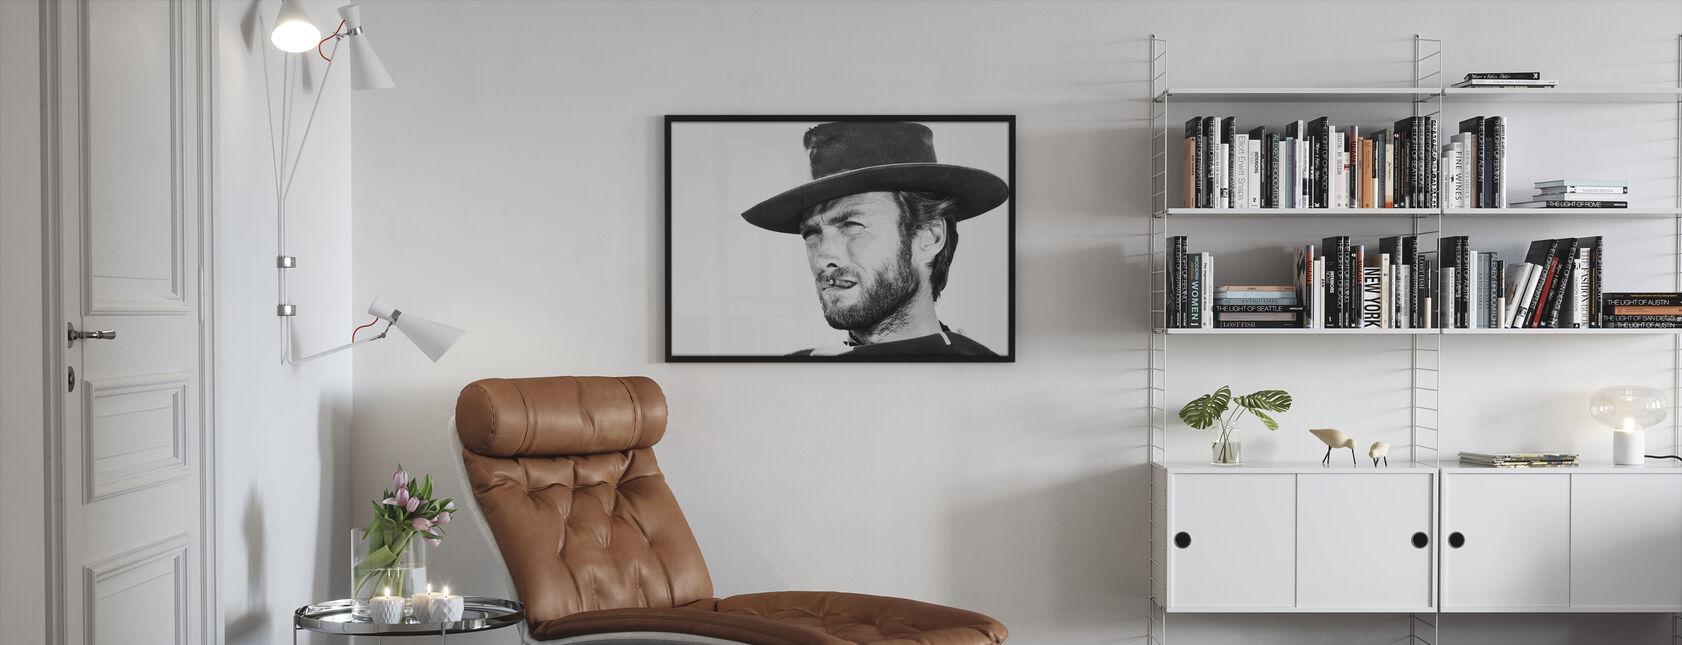 Clint Eastwood in Gut das Schlechte und die Hässliche - Gerahmtes bild - Wohnzimmer